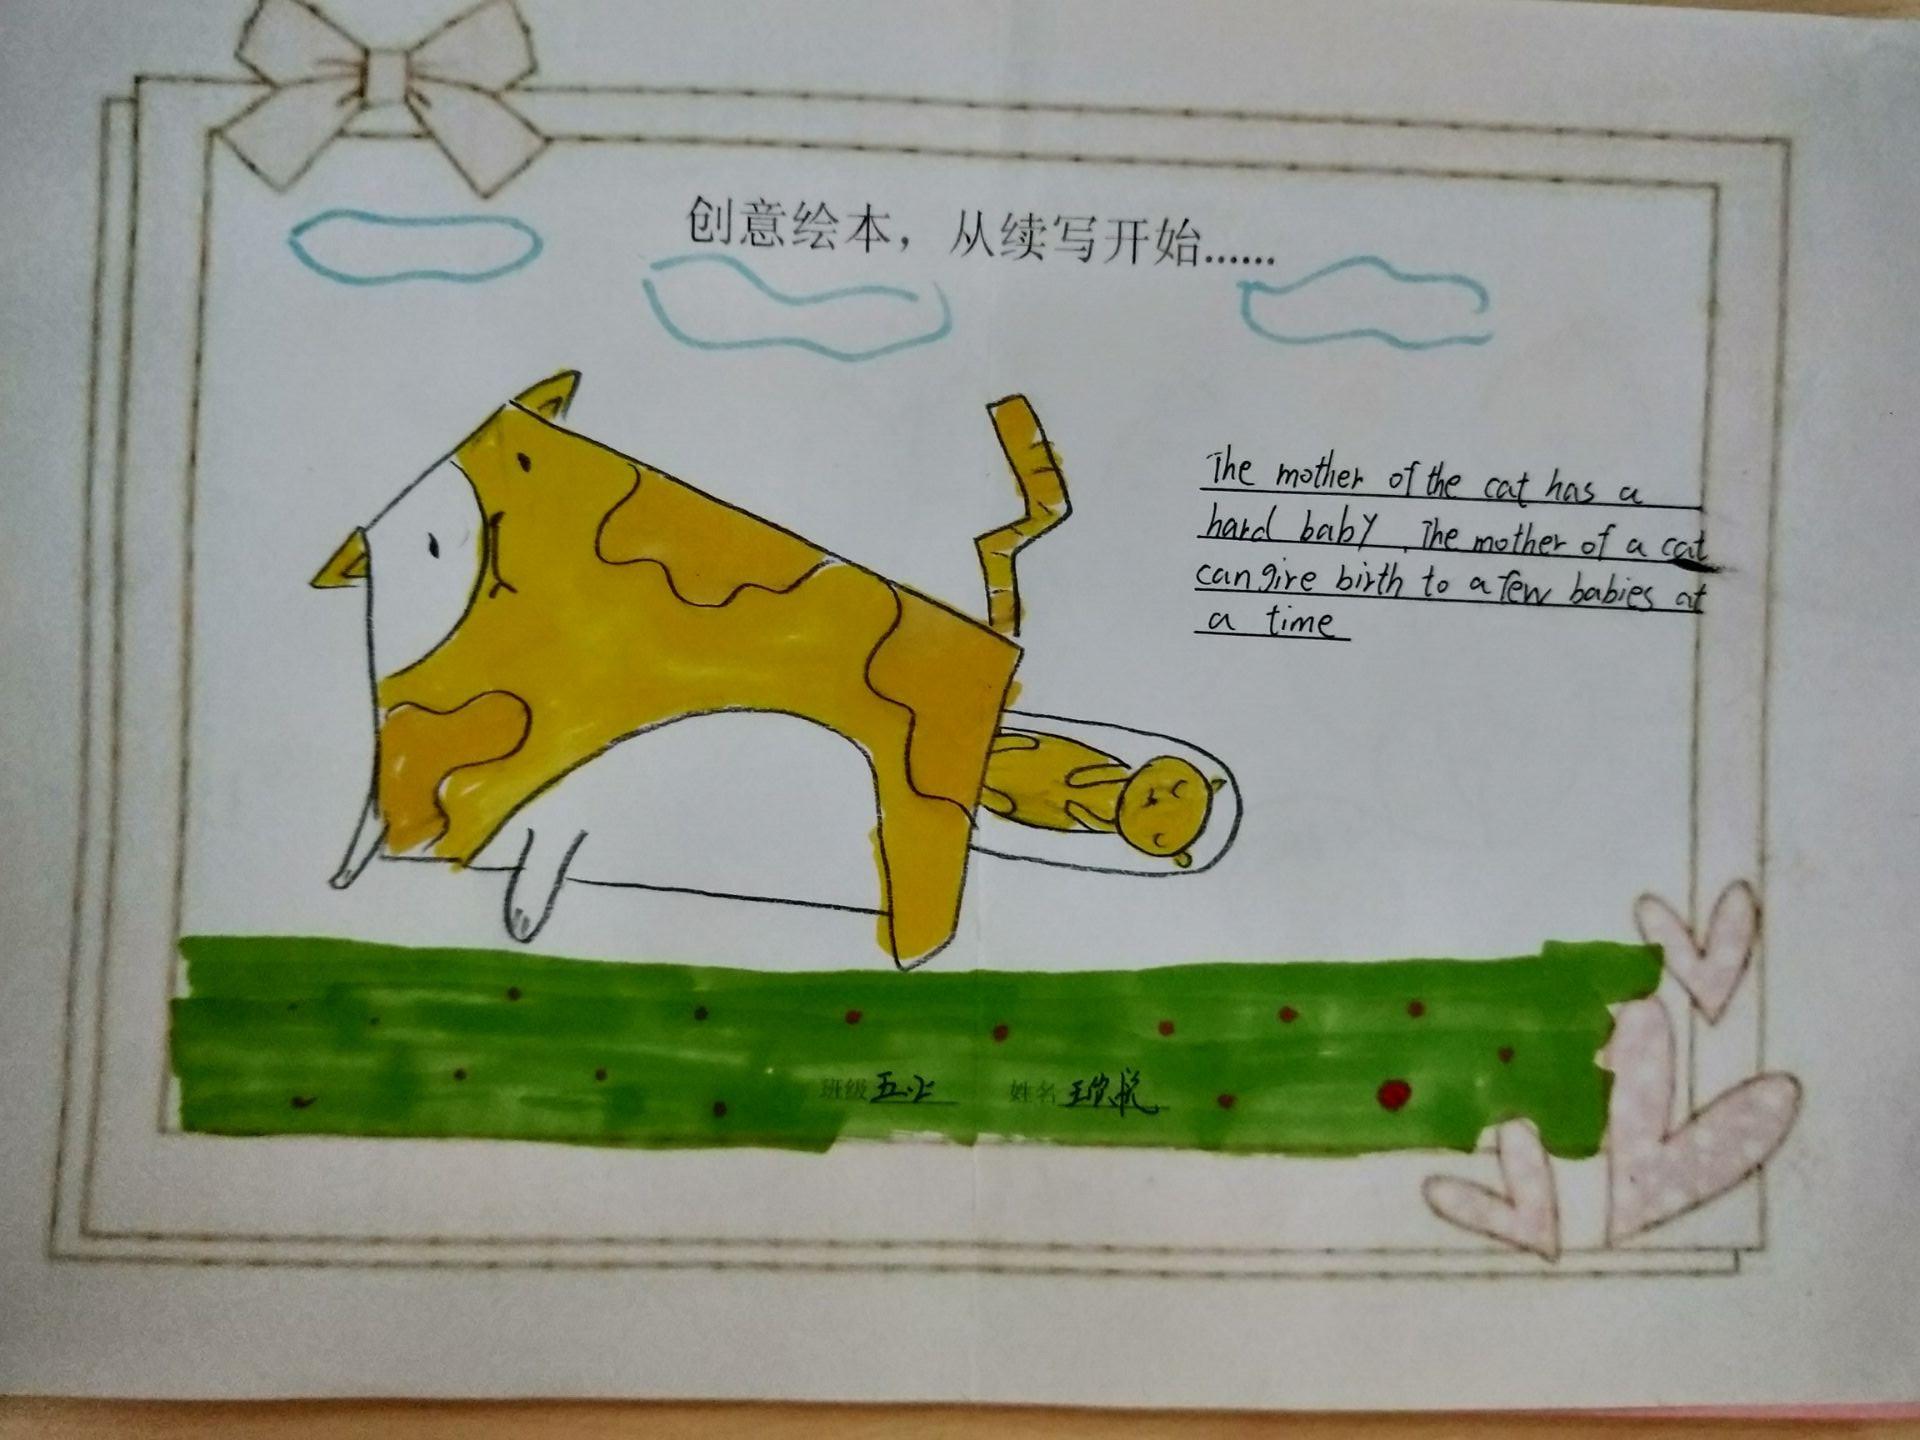 五年级英语课外阅读手抄报报展